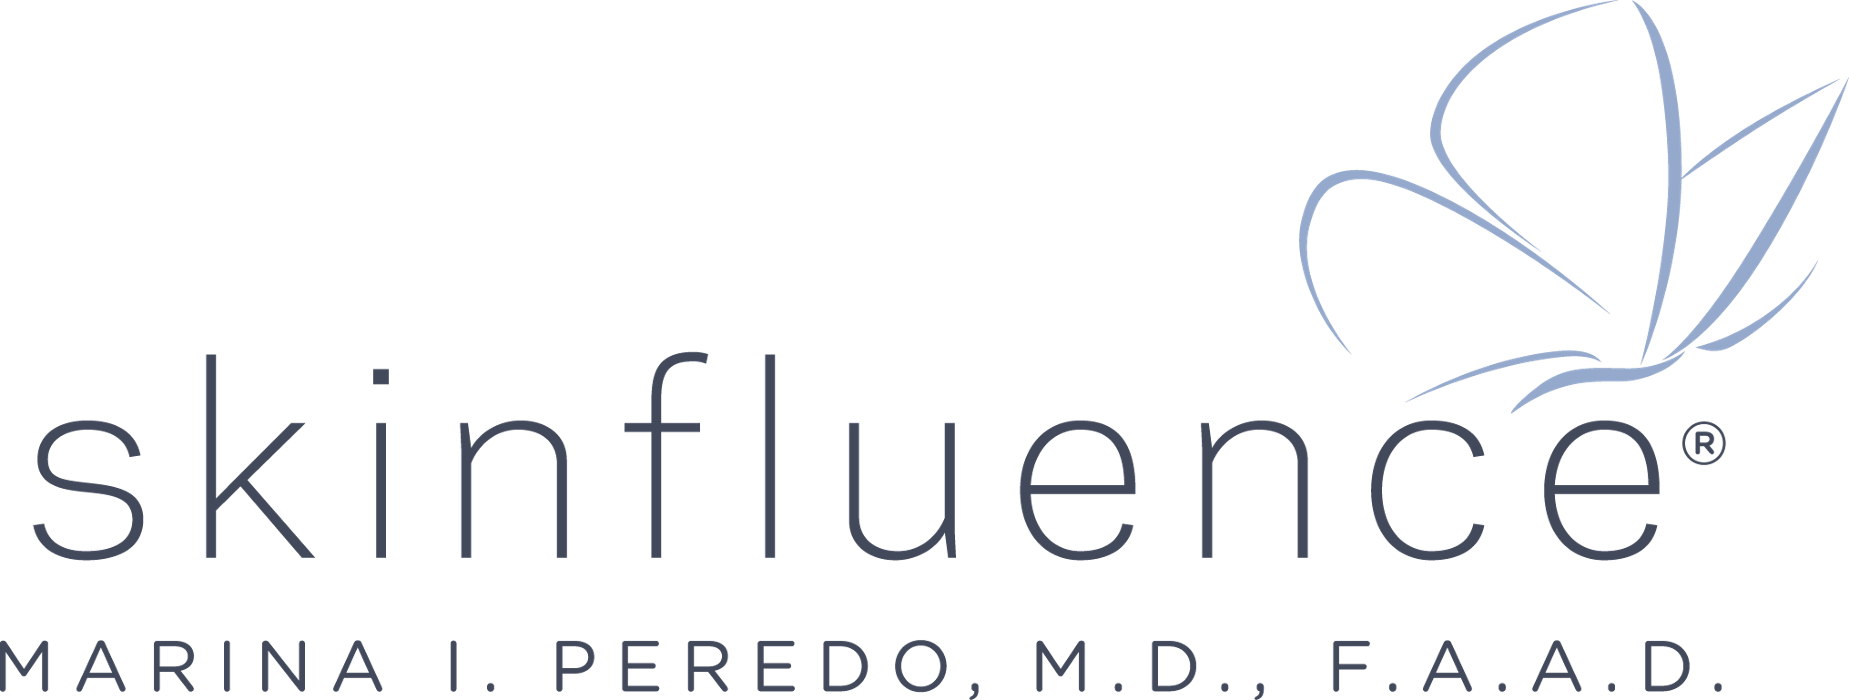 Skinfluence Medical PC - Marina Peredo MD - New York, NY